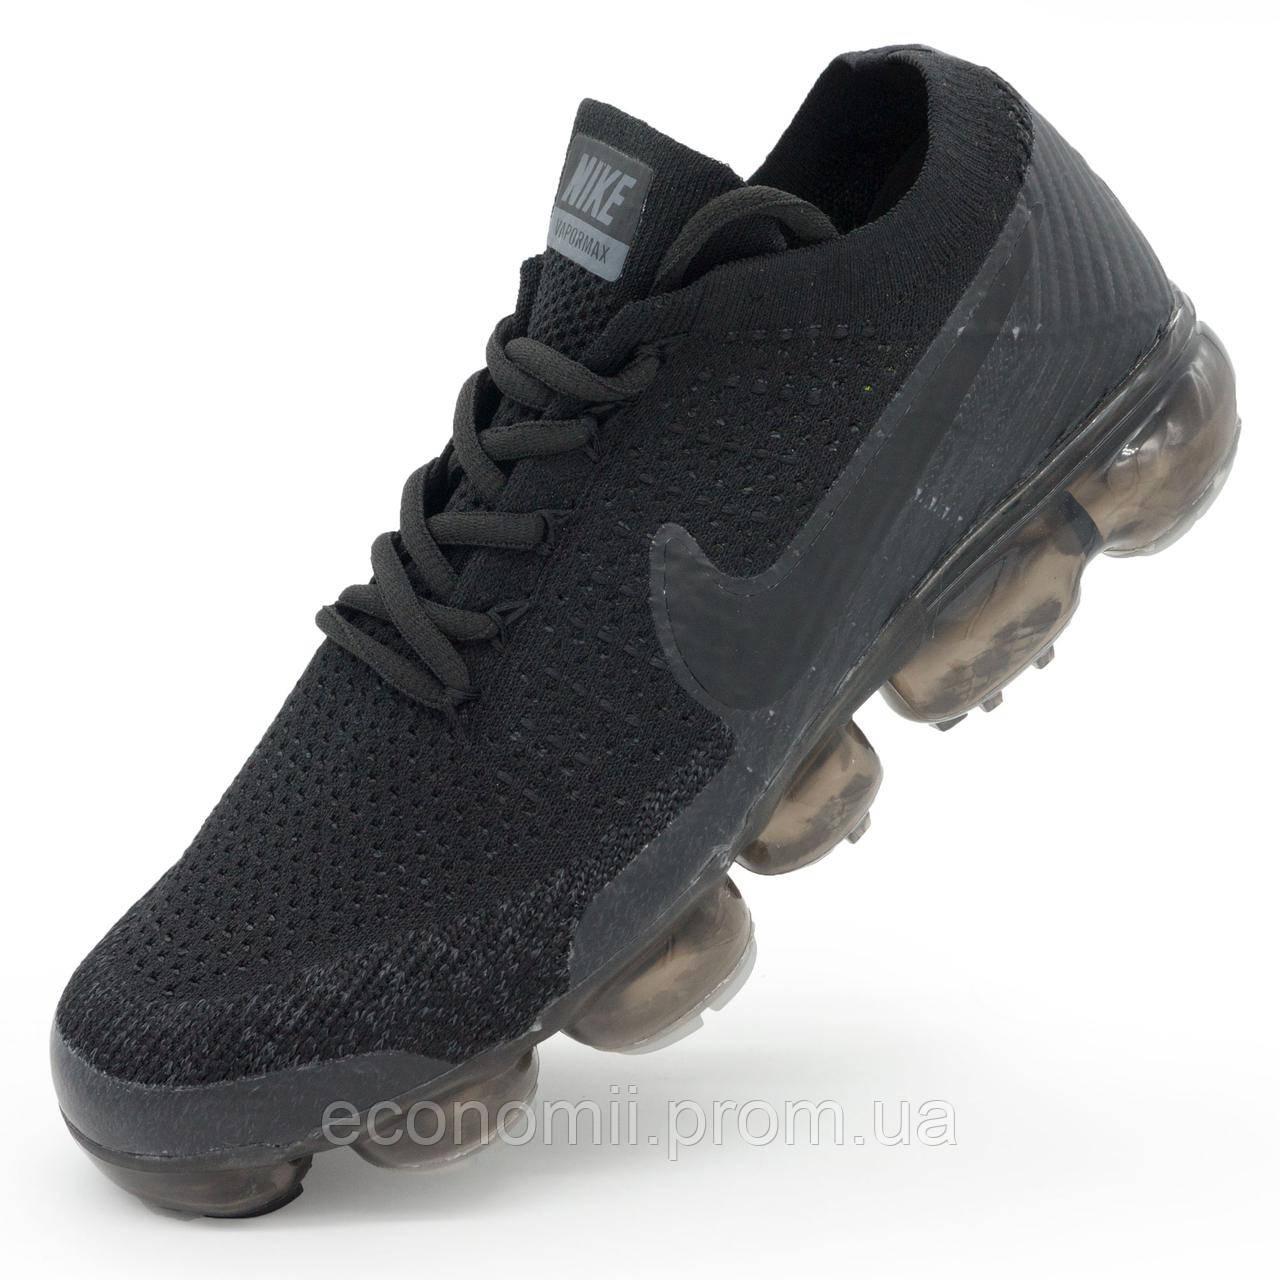 c83e64d6 Мужские кроссовки для бега Nike Air VaporMax полностью черные р.(43) -